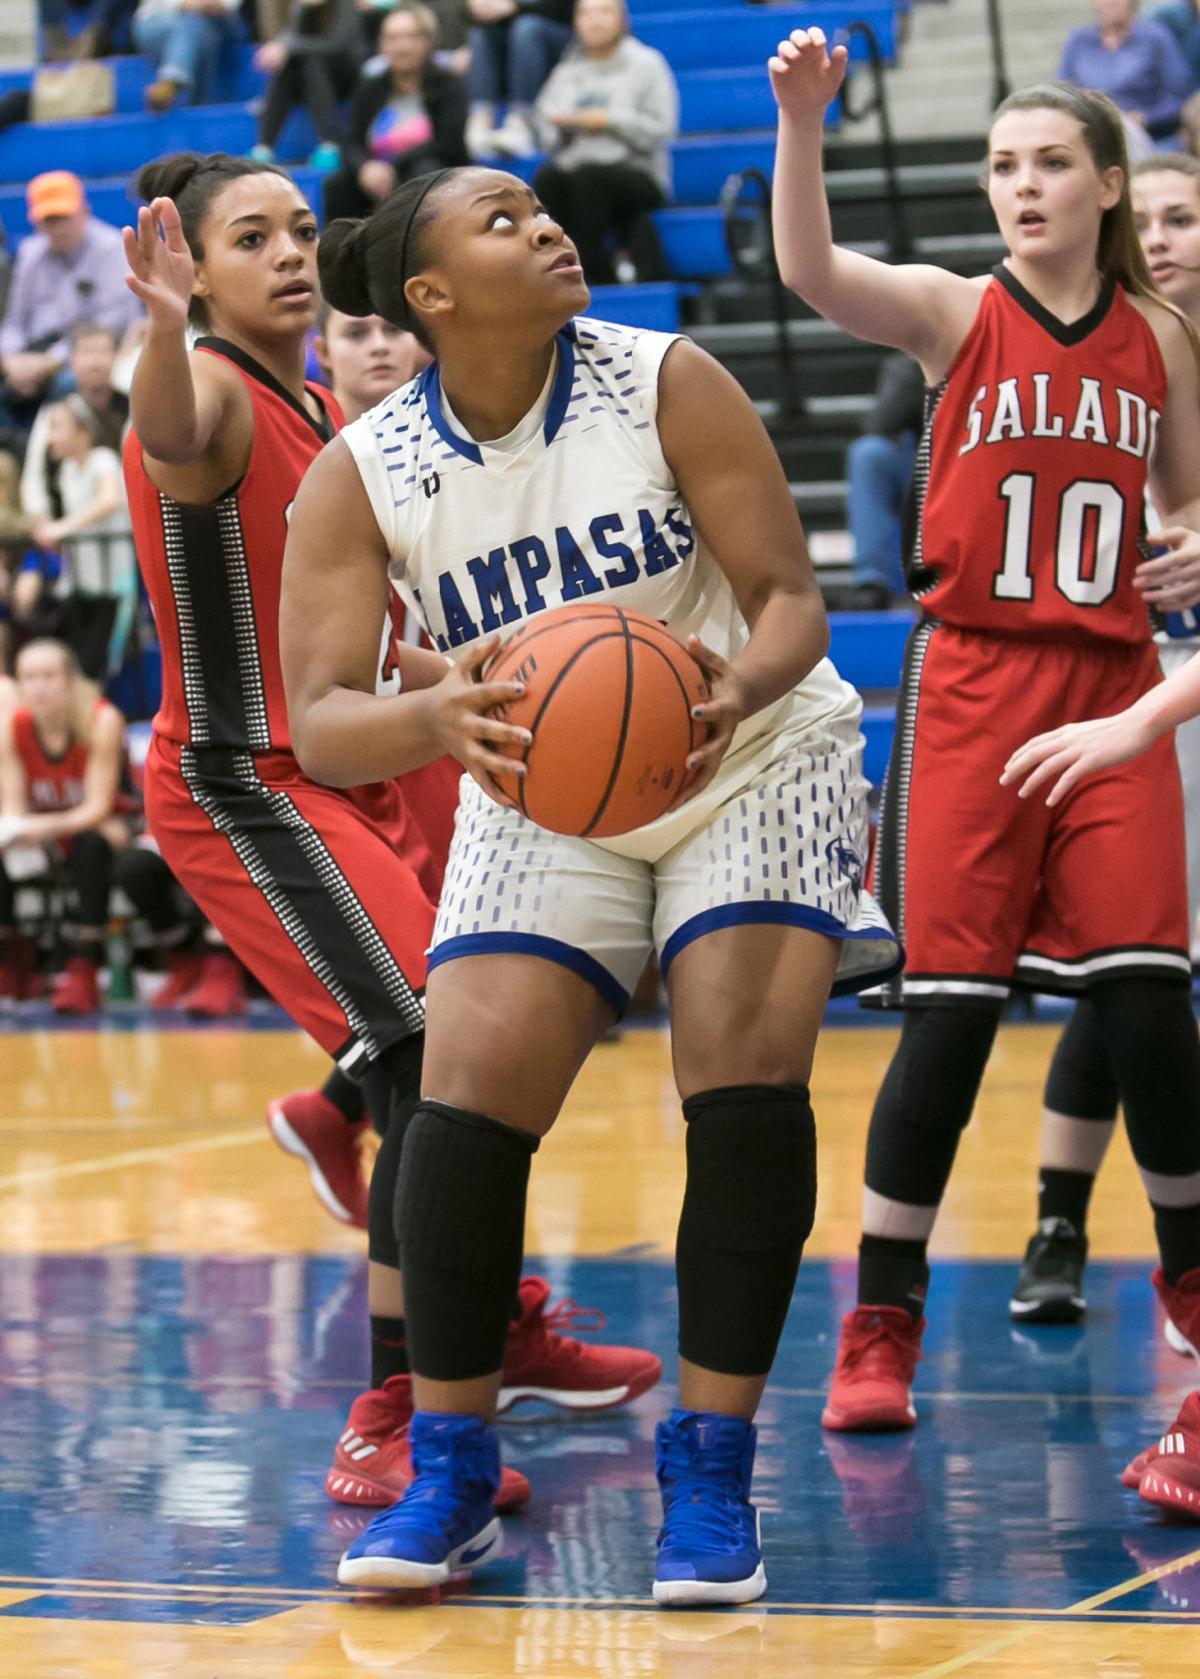 Salado at Lampasas Girls Basketball